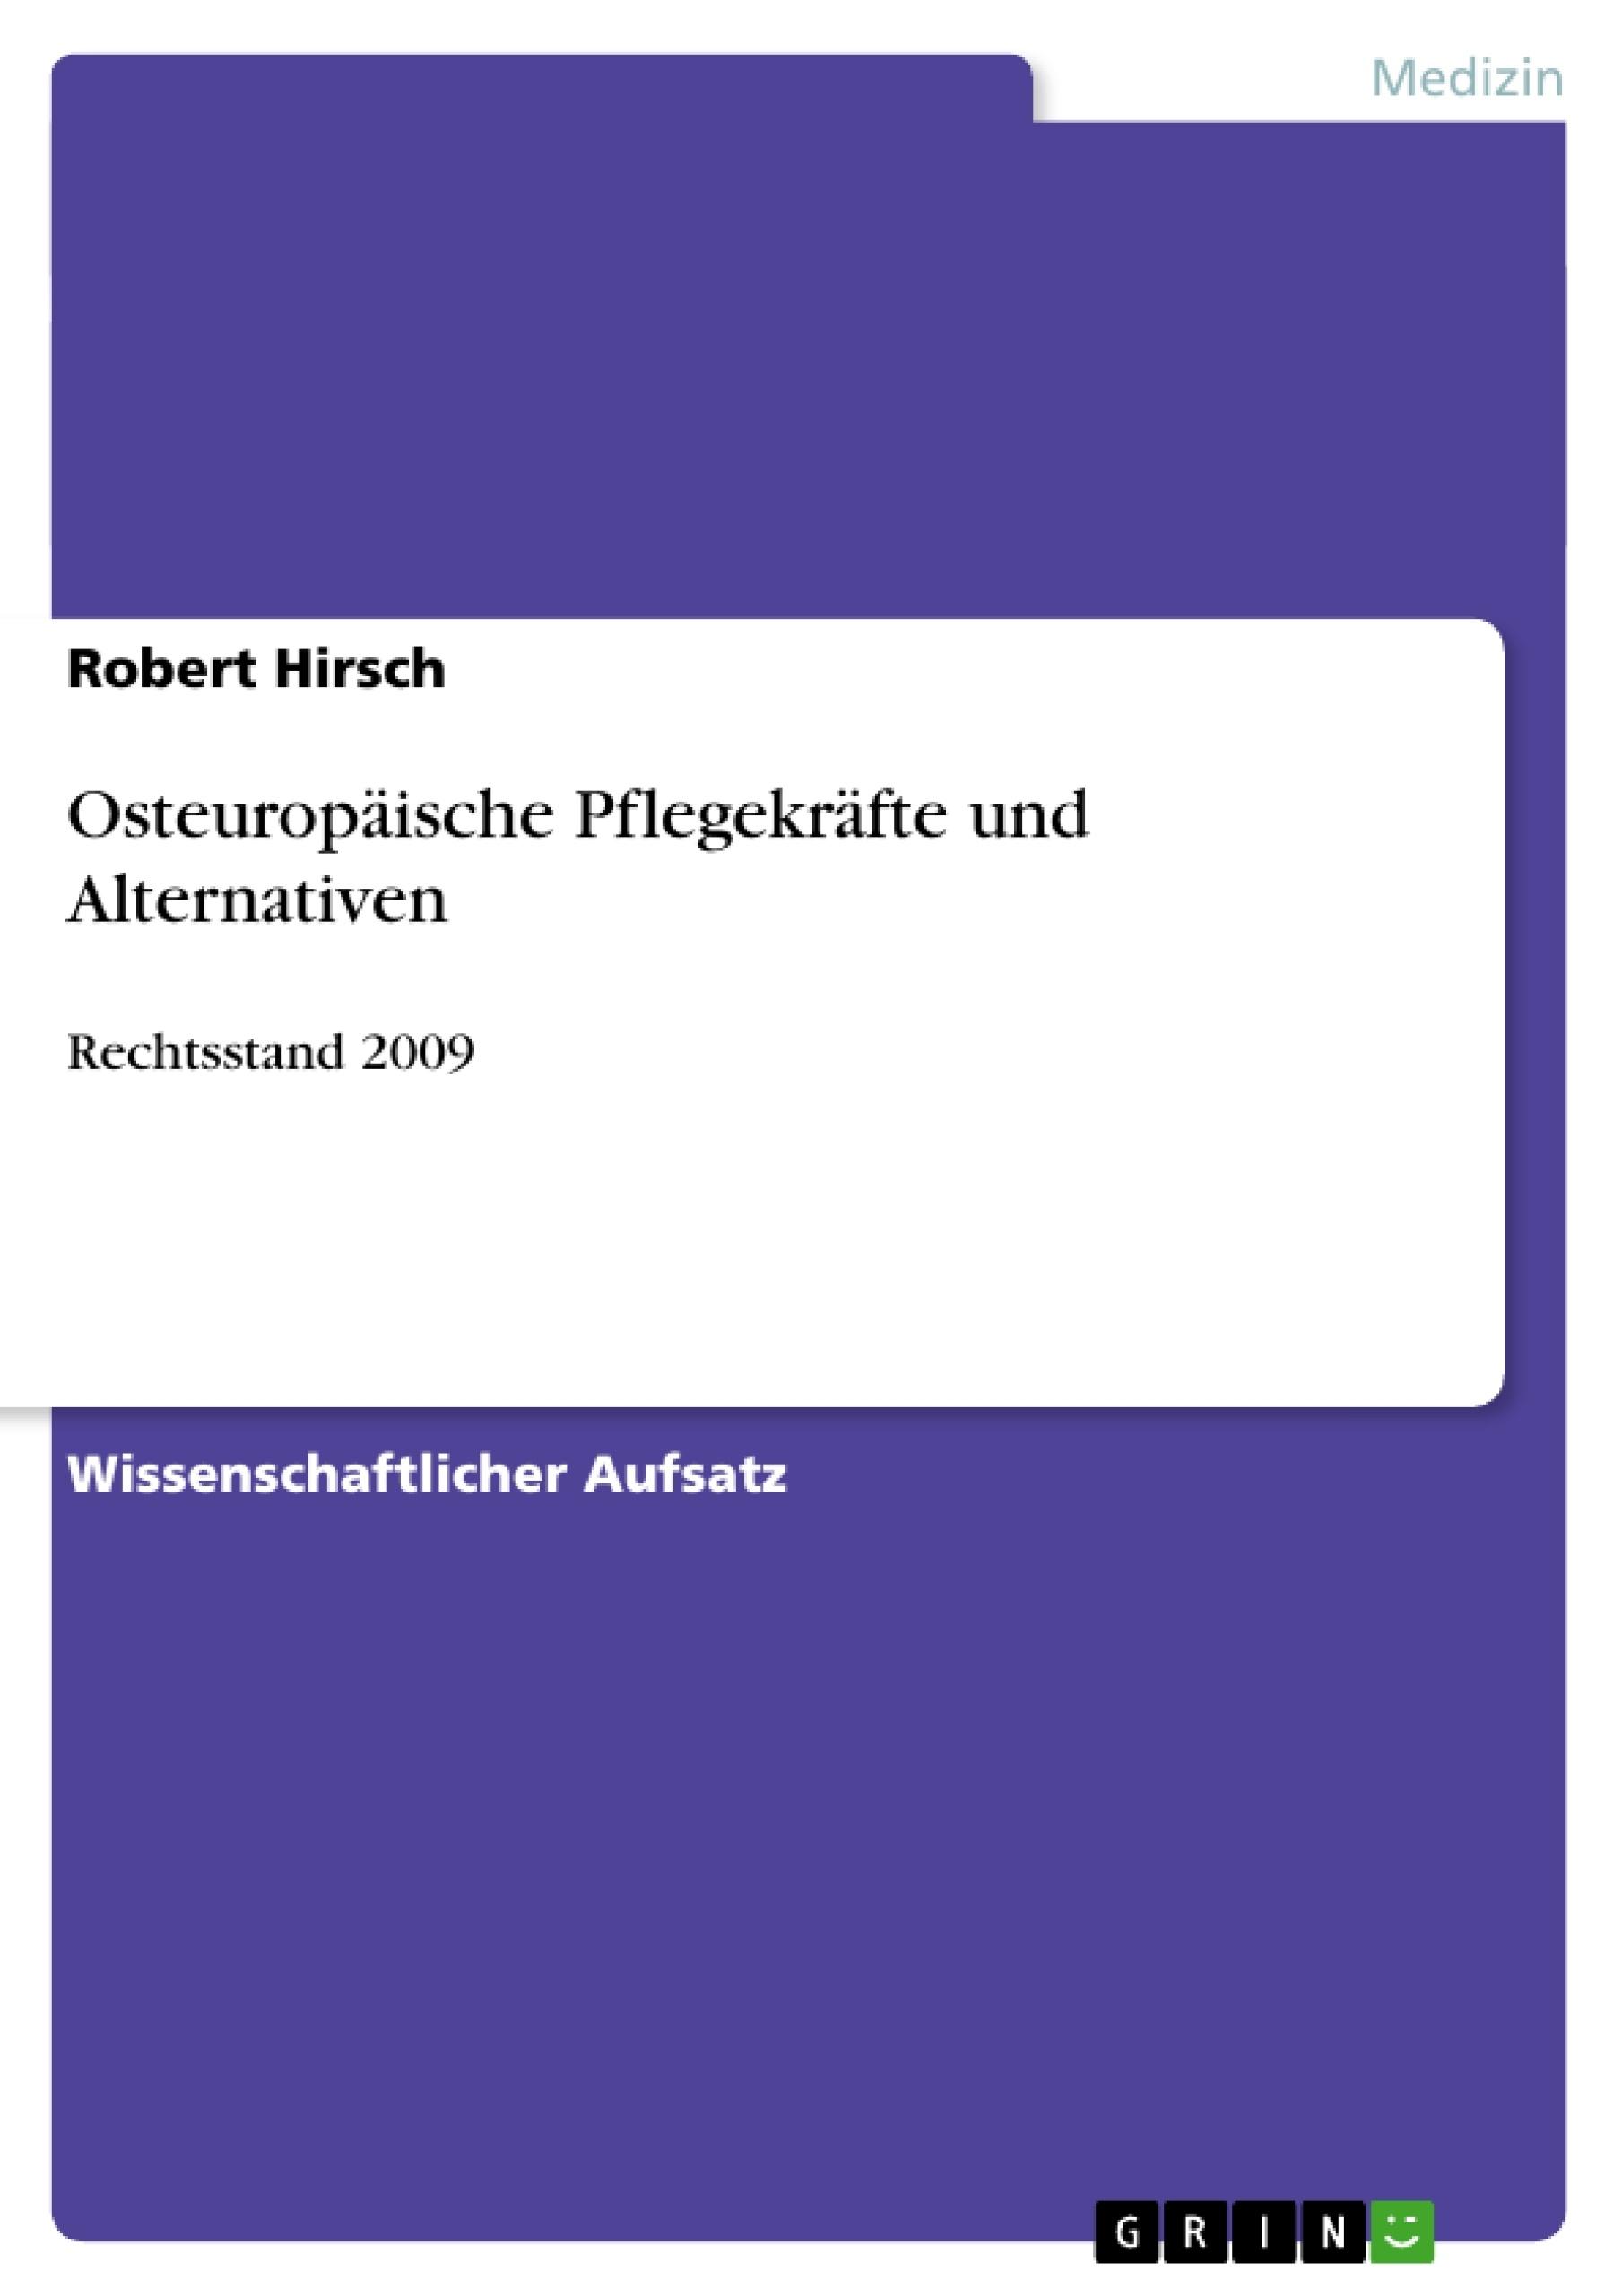 Titel: Osteuropäische Pflegekräfte und Alternativen